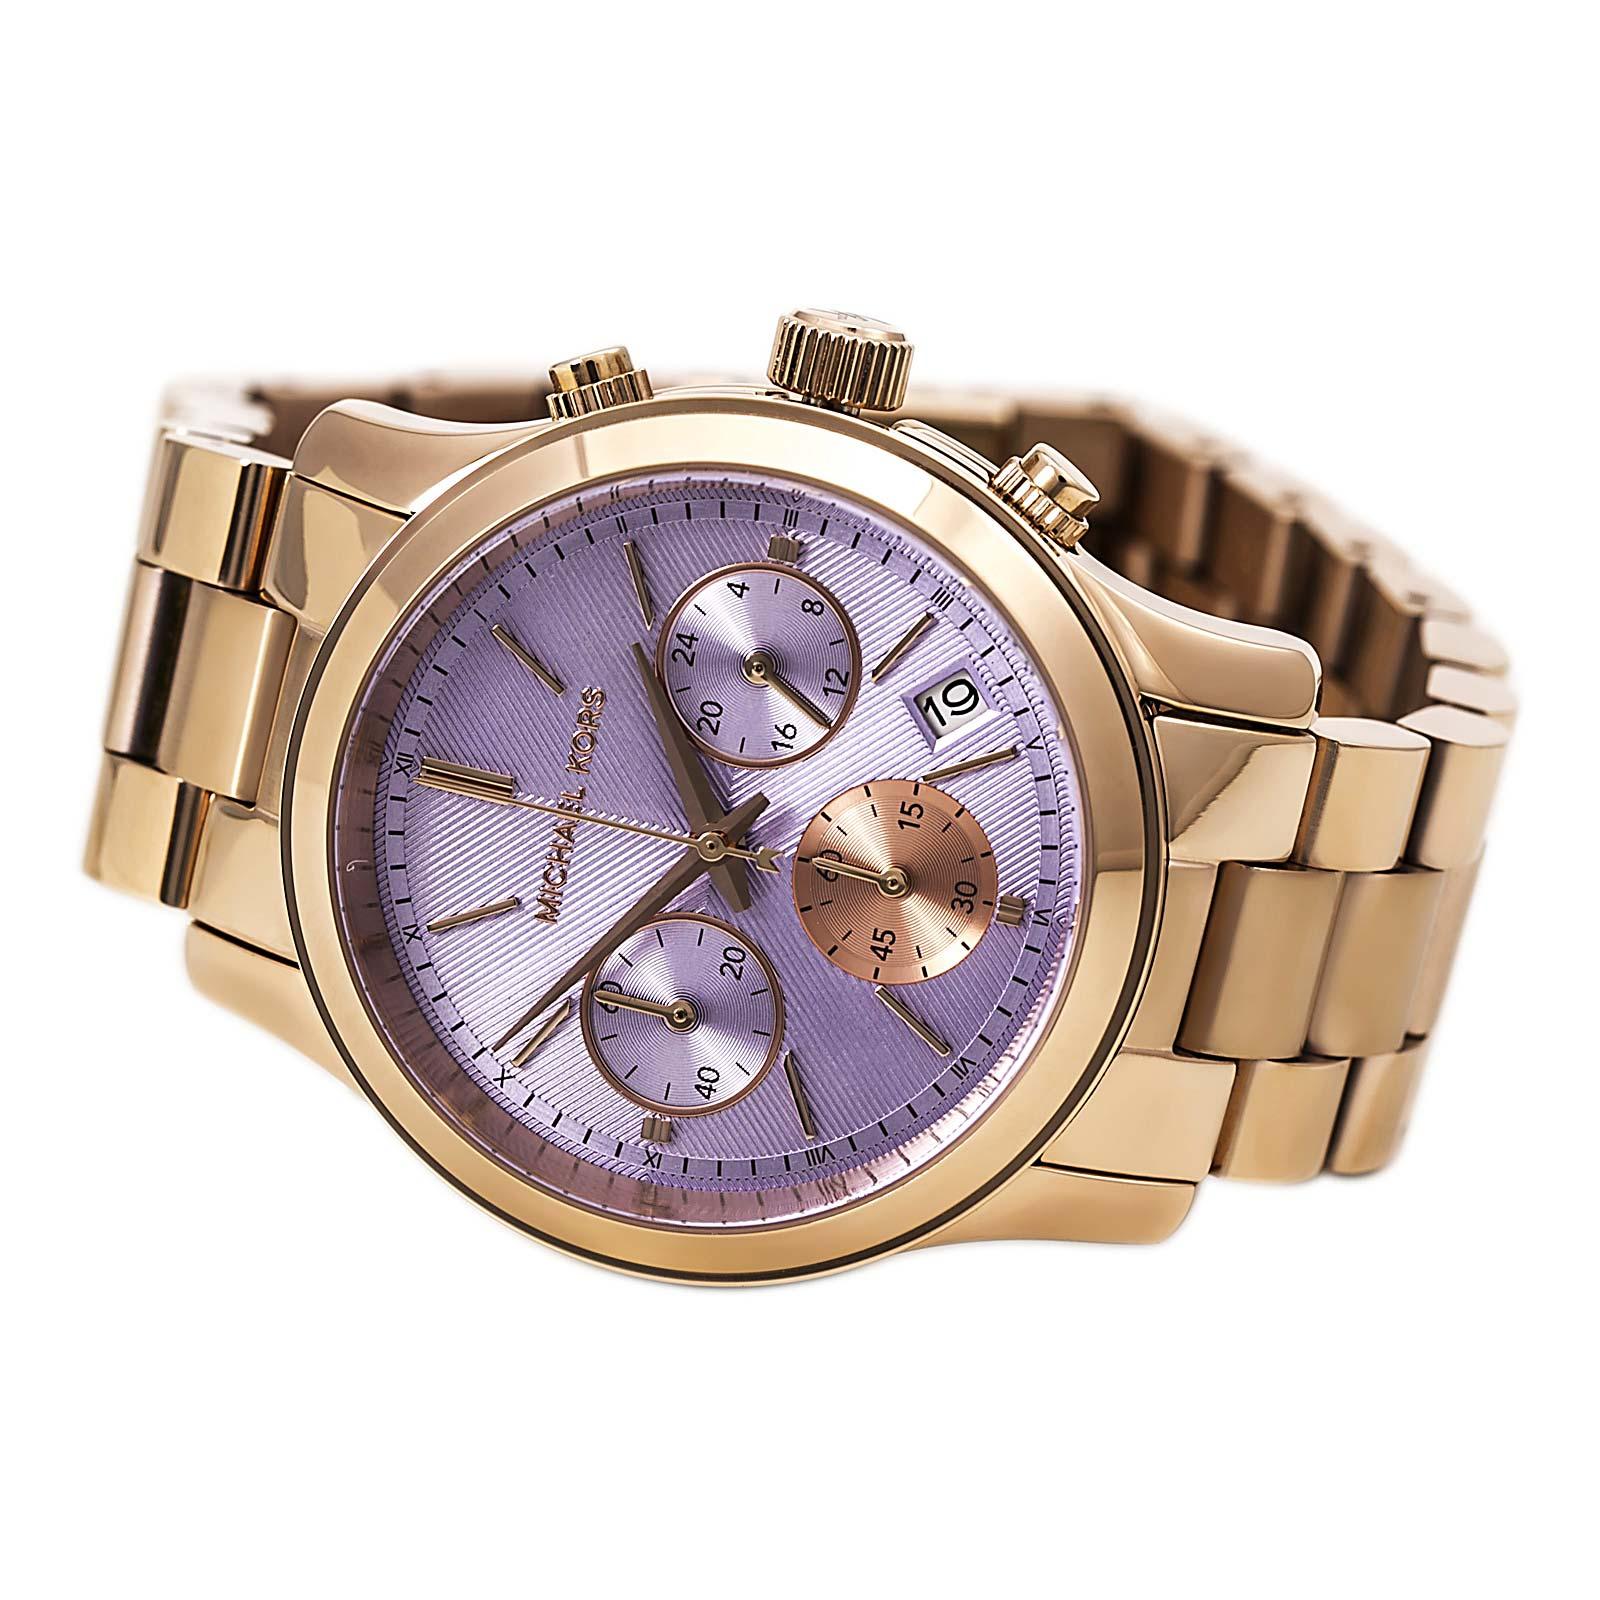 美國Outlet 正品代購 Michael Kors MK 三環 螢光紫精鋼 滿鑽 手錶 腕錶 MK6163 4